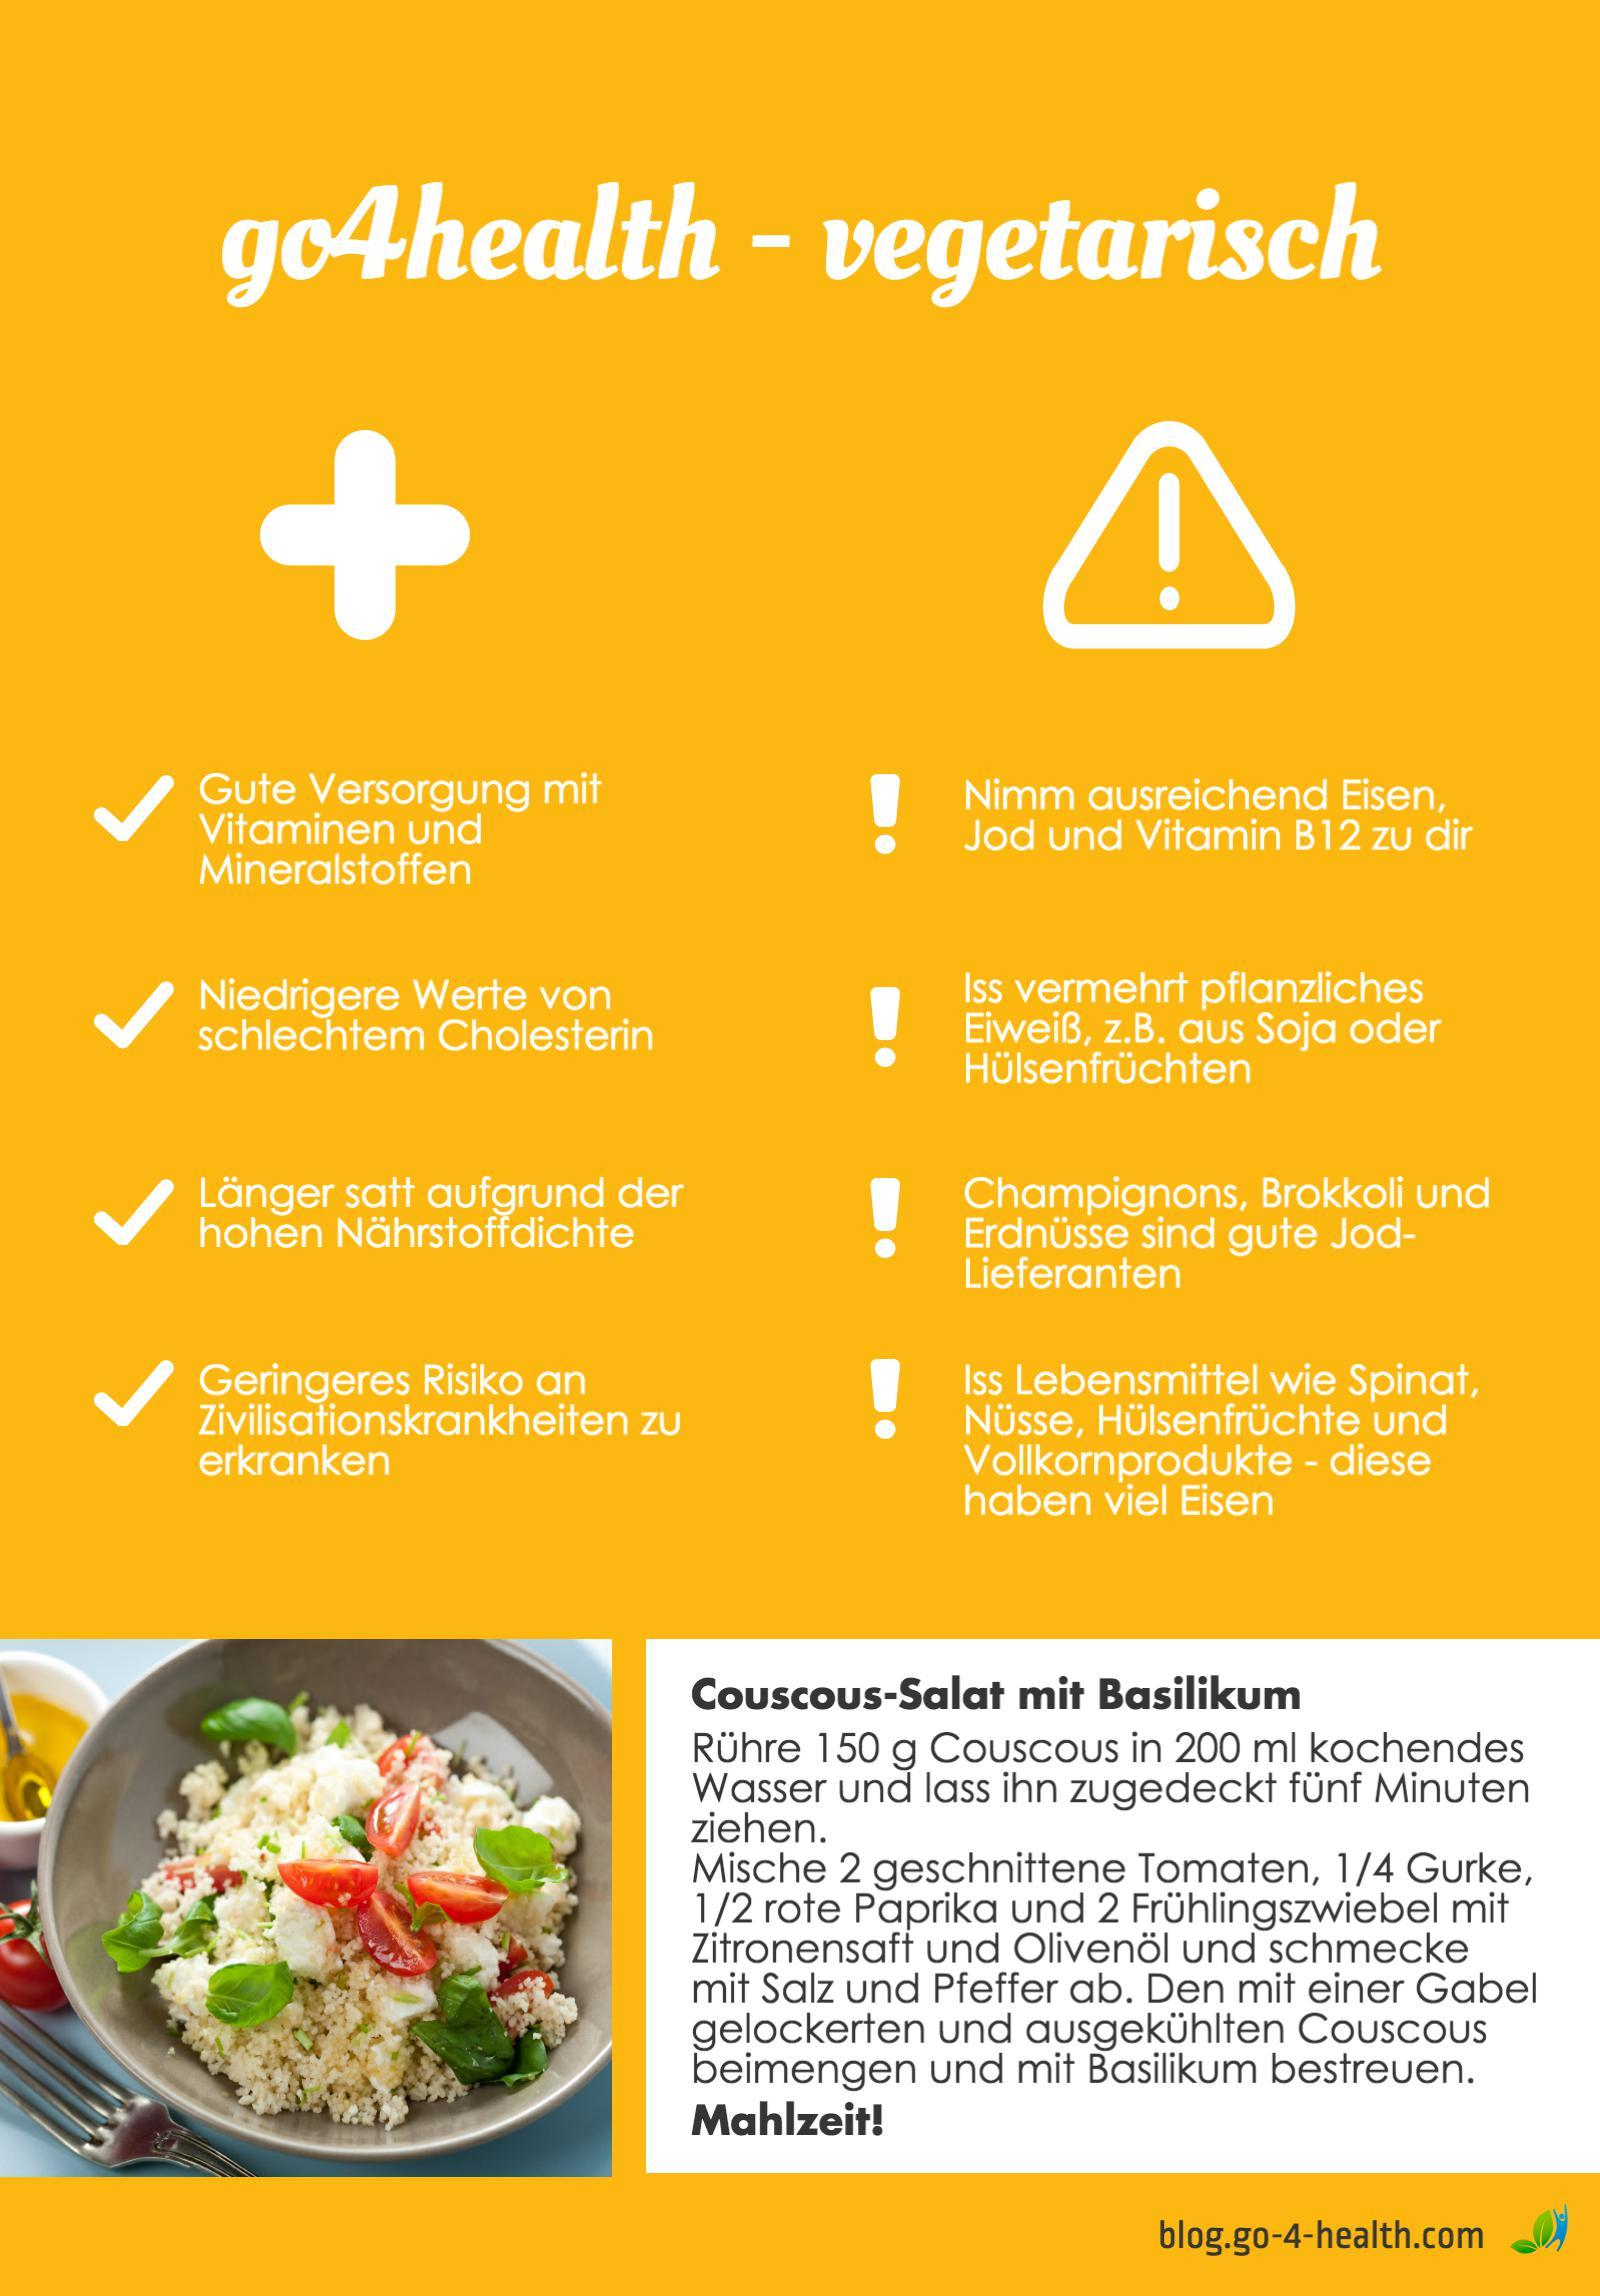 go4health Infografik mit Tipps zu vegetarischer Kost